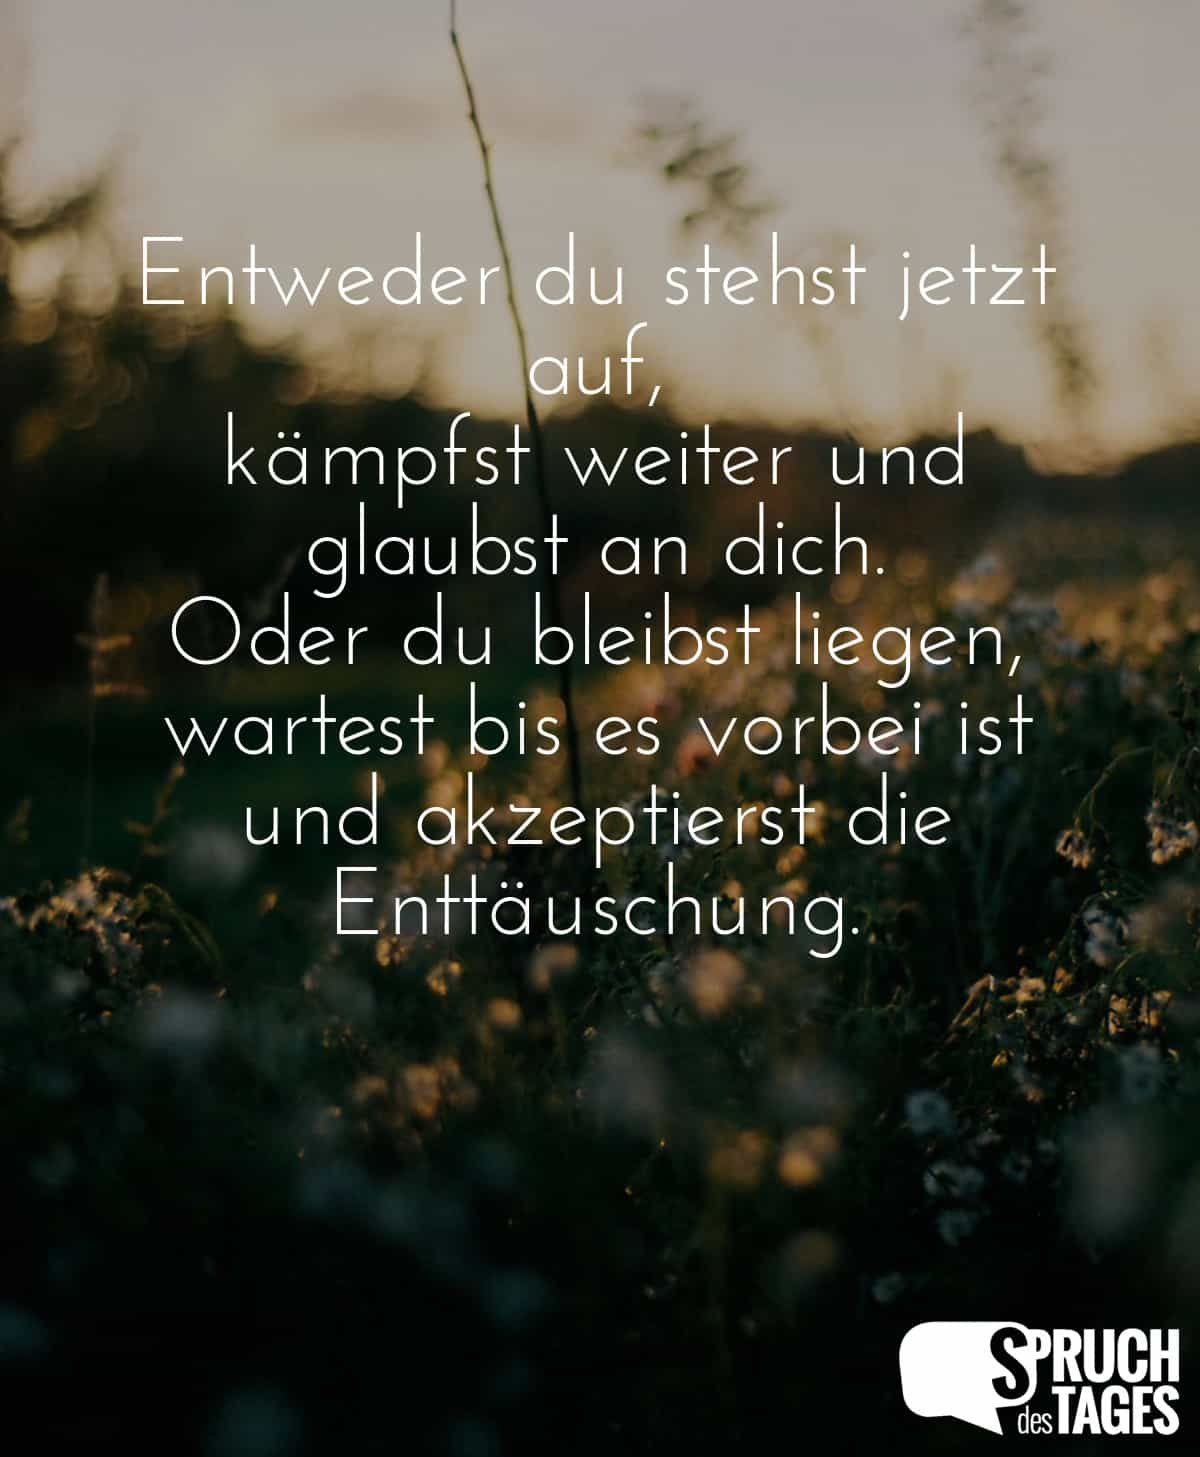 1 jahr zusammen sprüche | bnbnews.co